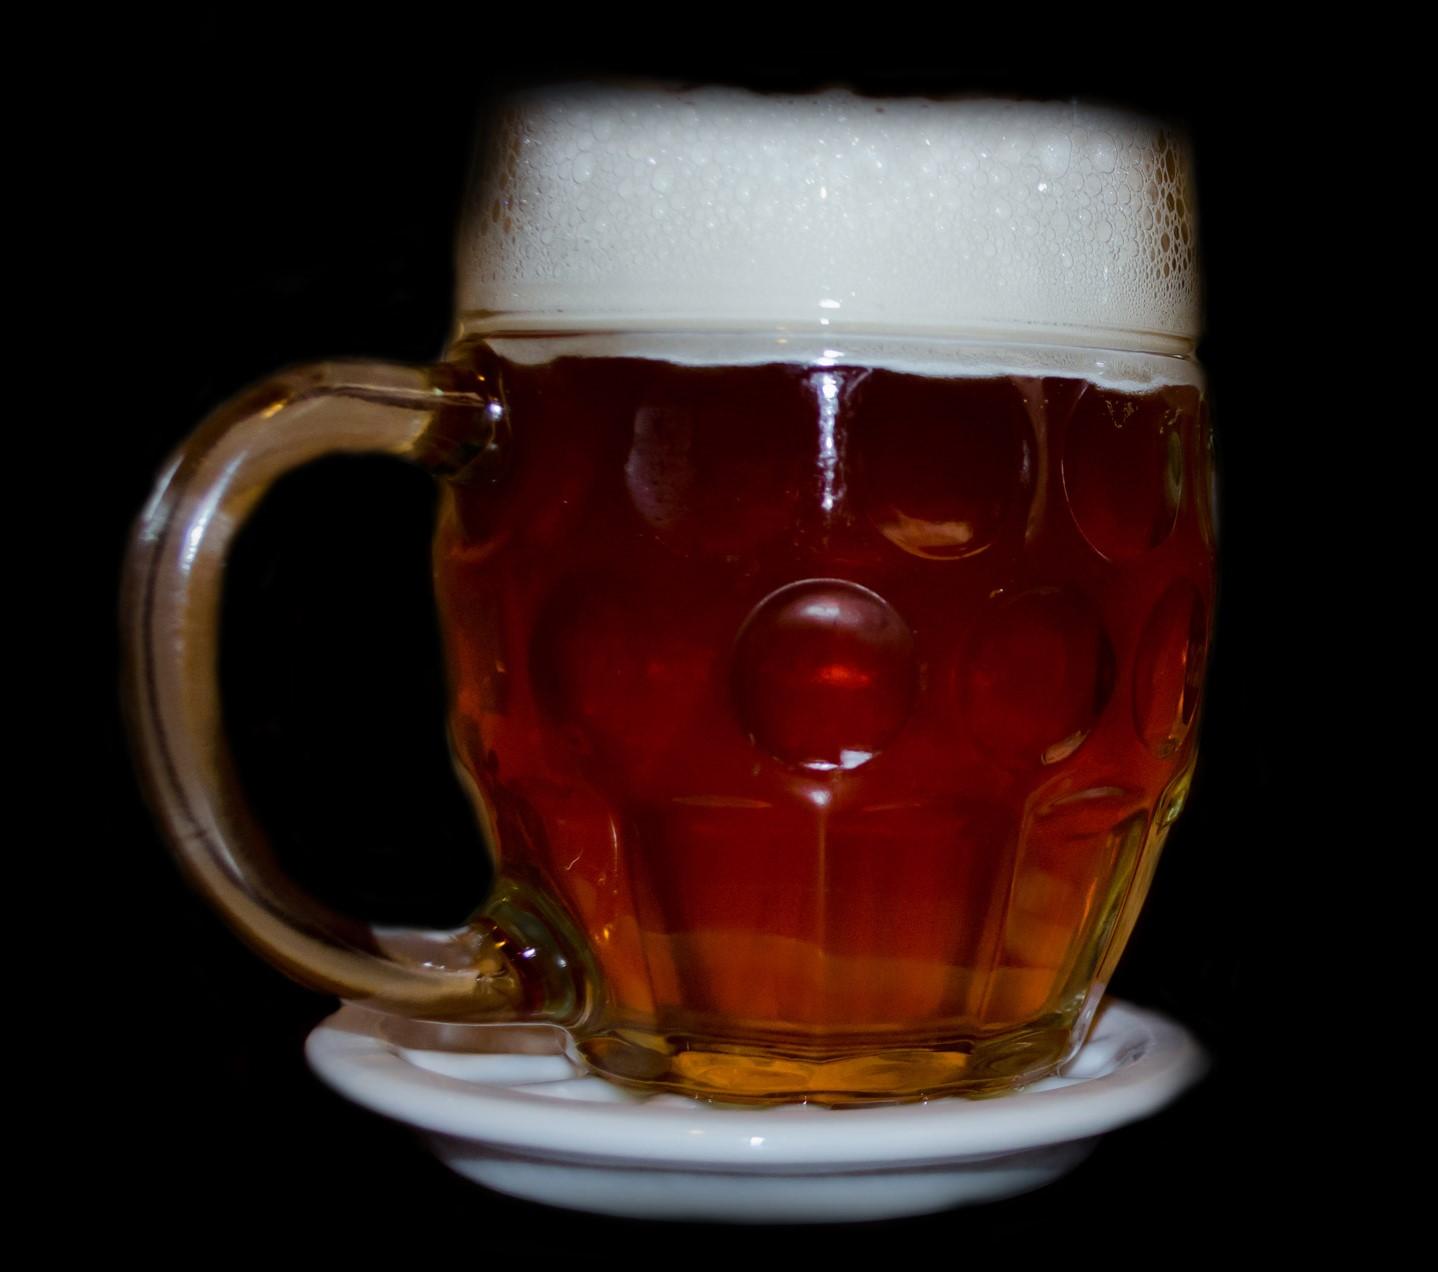 Researchers Convert Beer Into Viable Biofuel